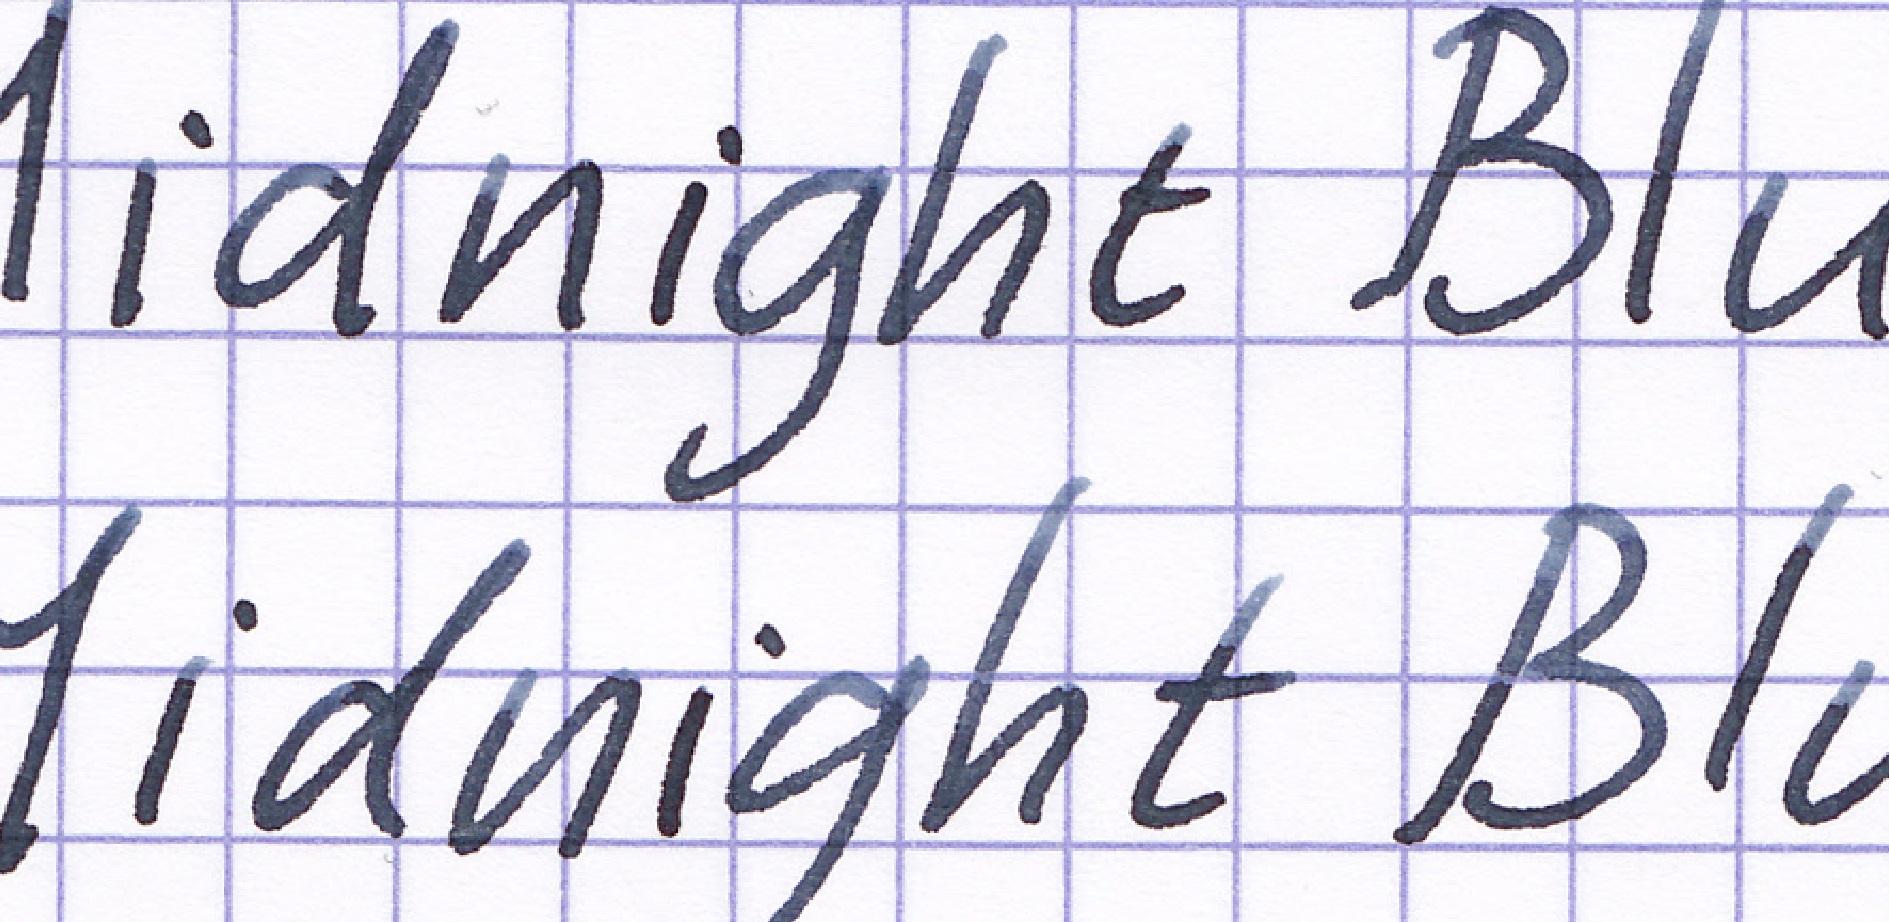 fpn_1459972650__midnightblue_ox_2.jpg